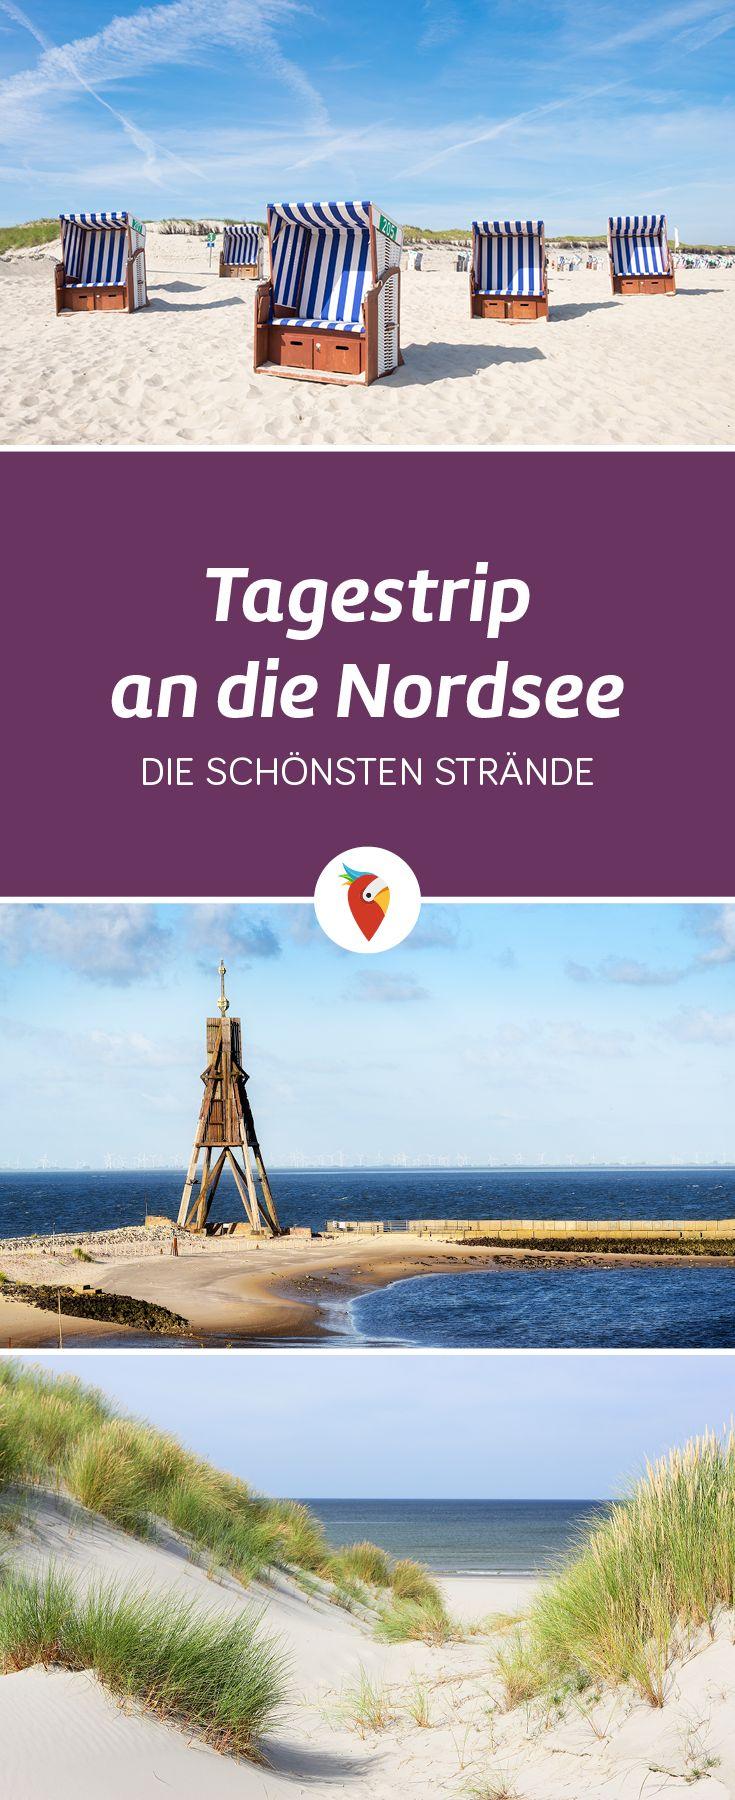 Ihr wollt einen Kurztrip an die Nordsee machen, wisst aber nicht so richtig wo es hingehen soll? Wir haben in Kooperation mit reisereporter.de die schönsten Strände an der Nordsee zusammengetragen. Schaut sie euch mal an!